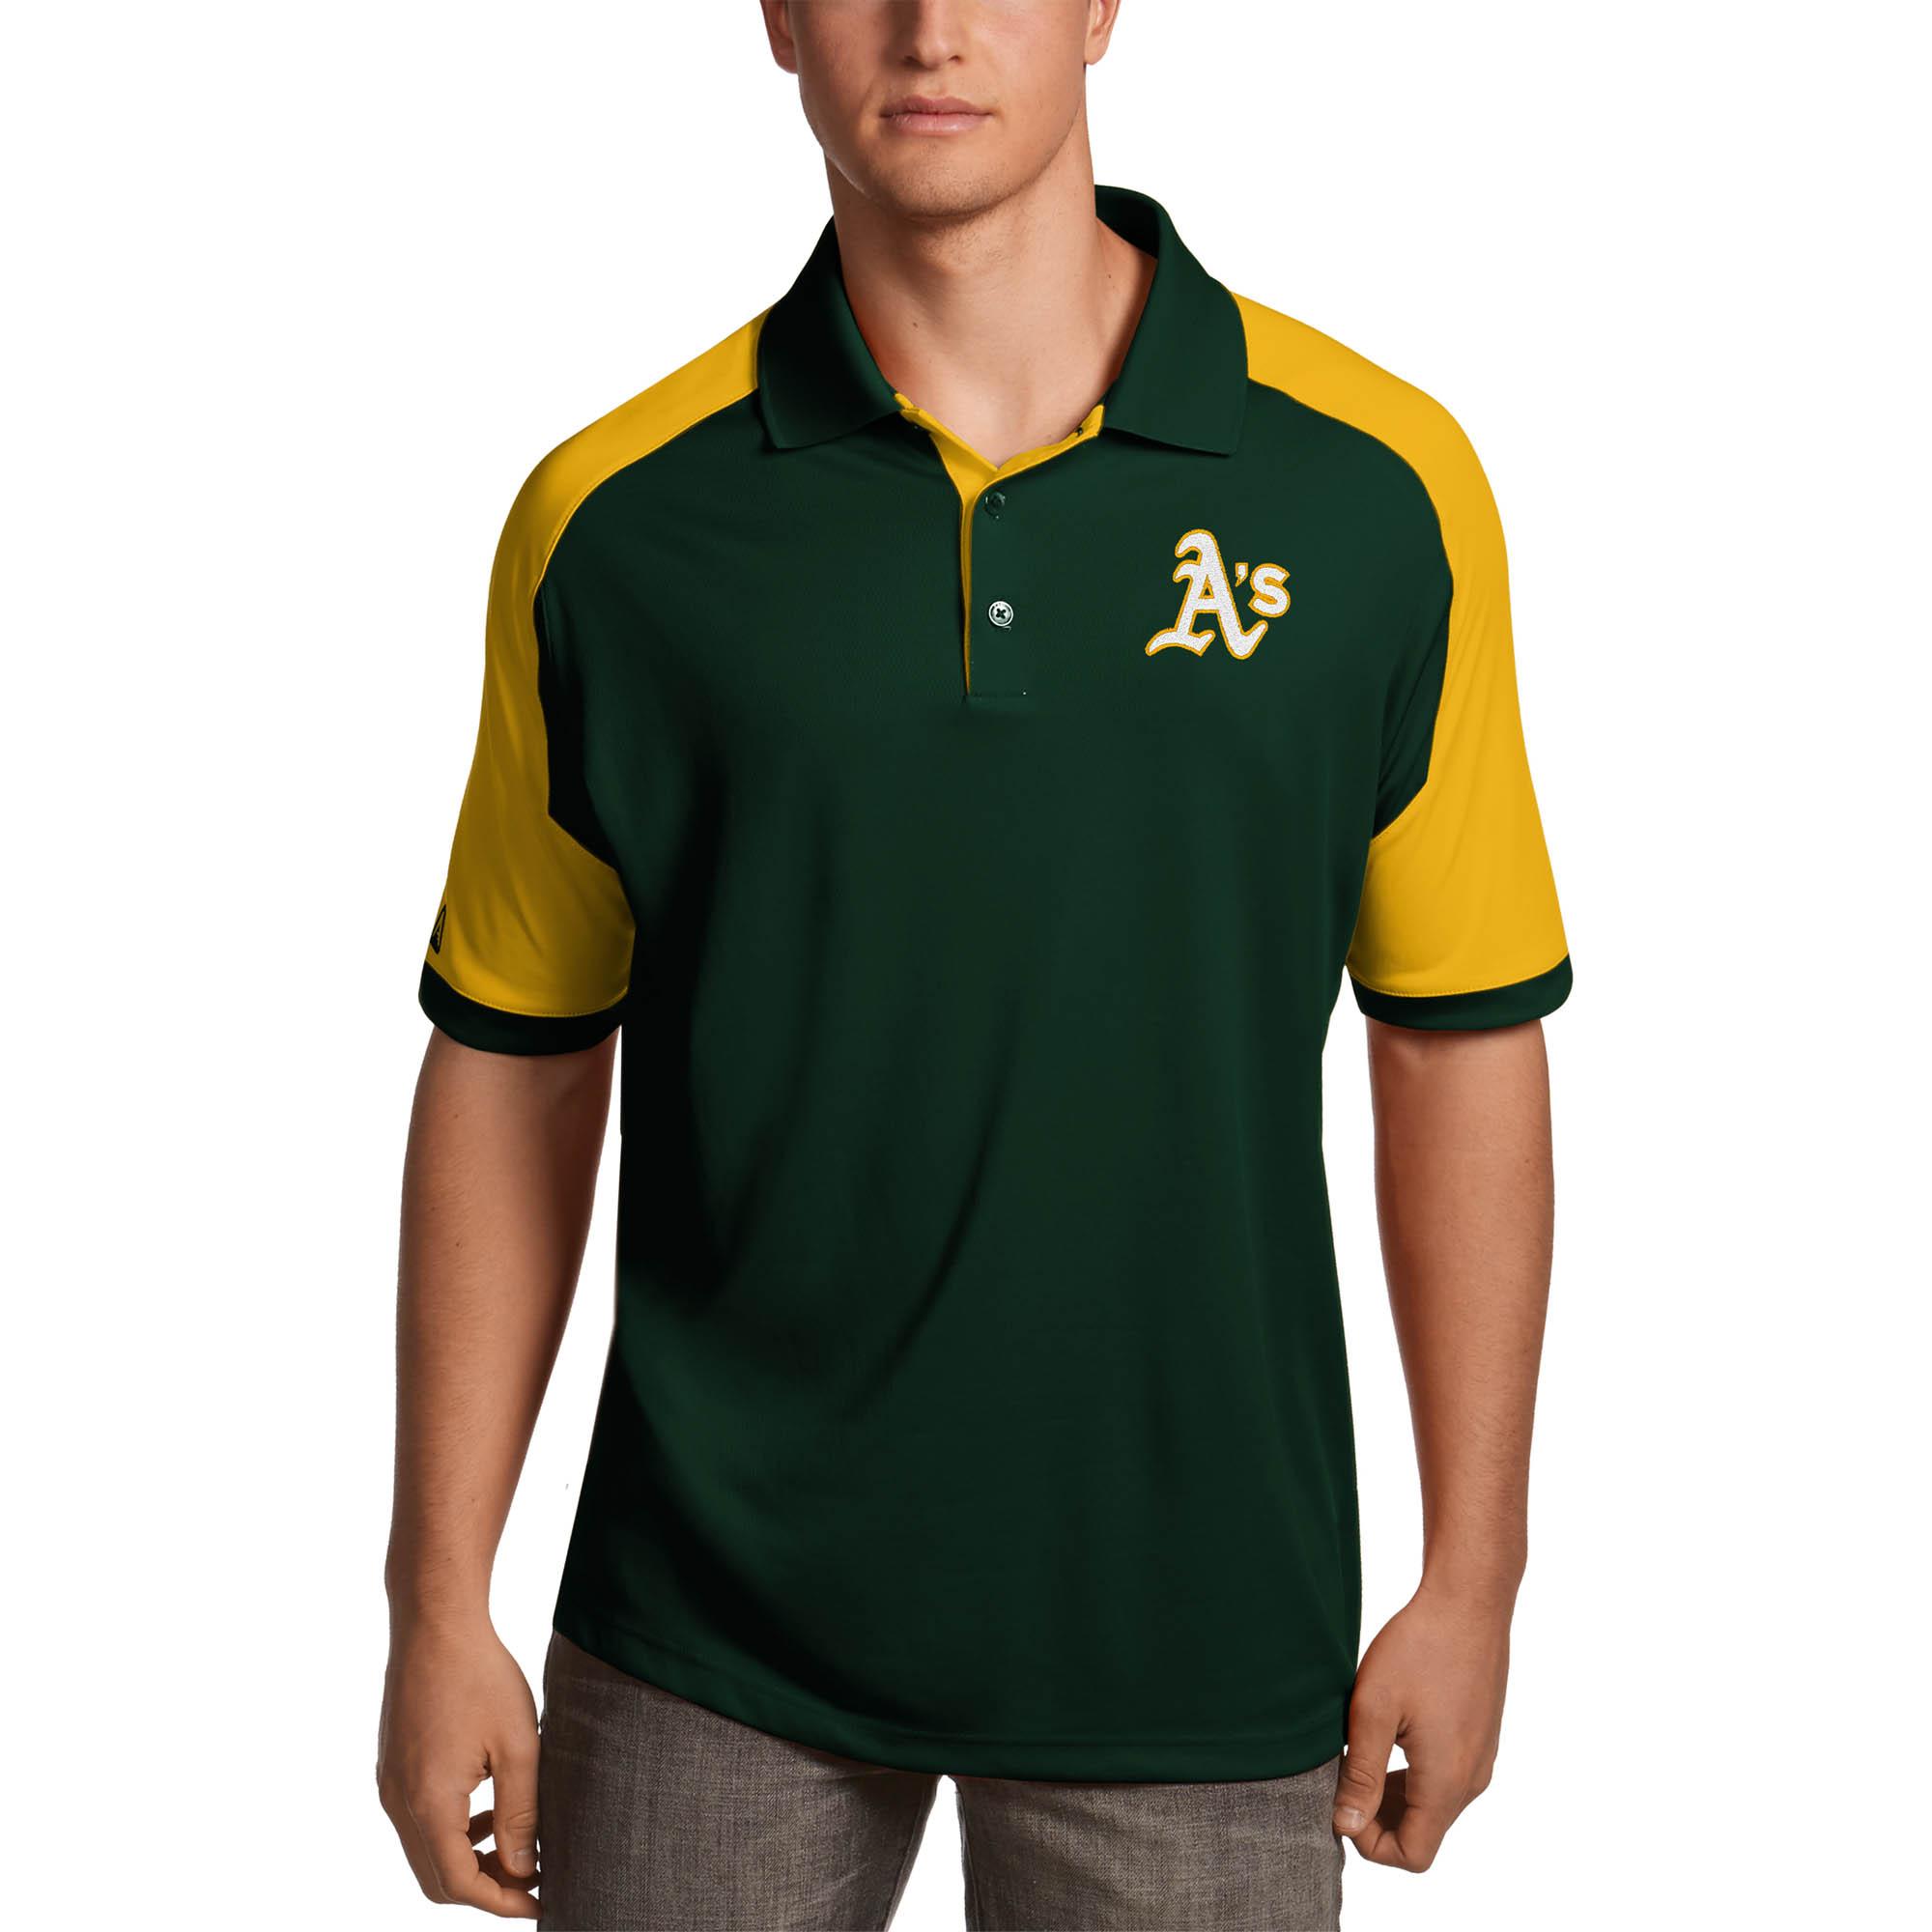 Oakland Athletics Antigua Century Polo - Green/Gold